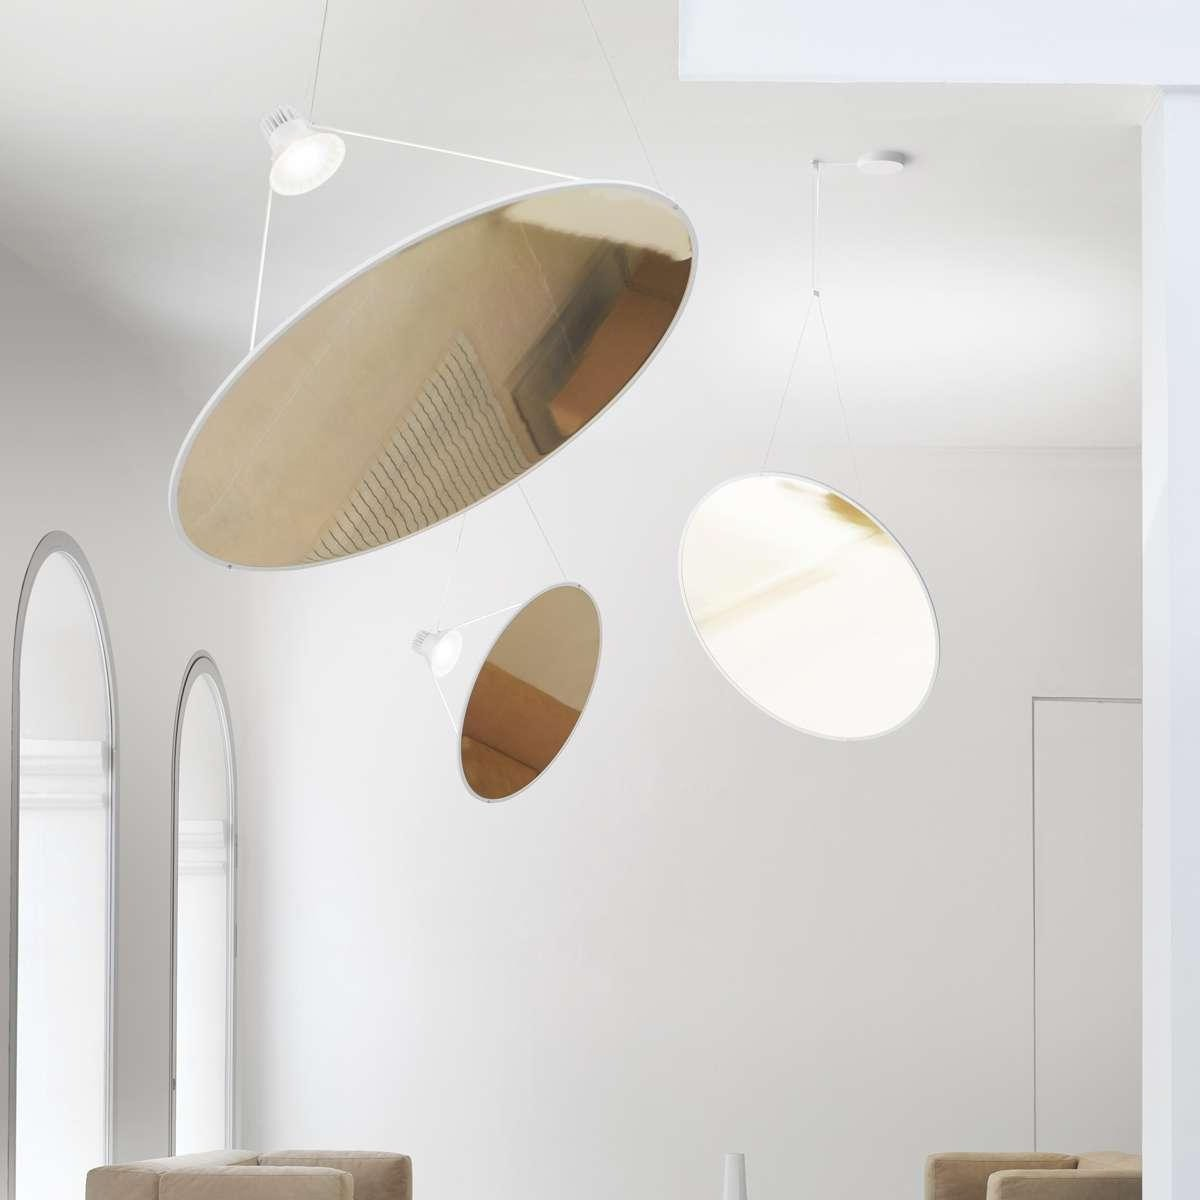 Amisol D91 Led Suspension Lamp